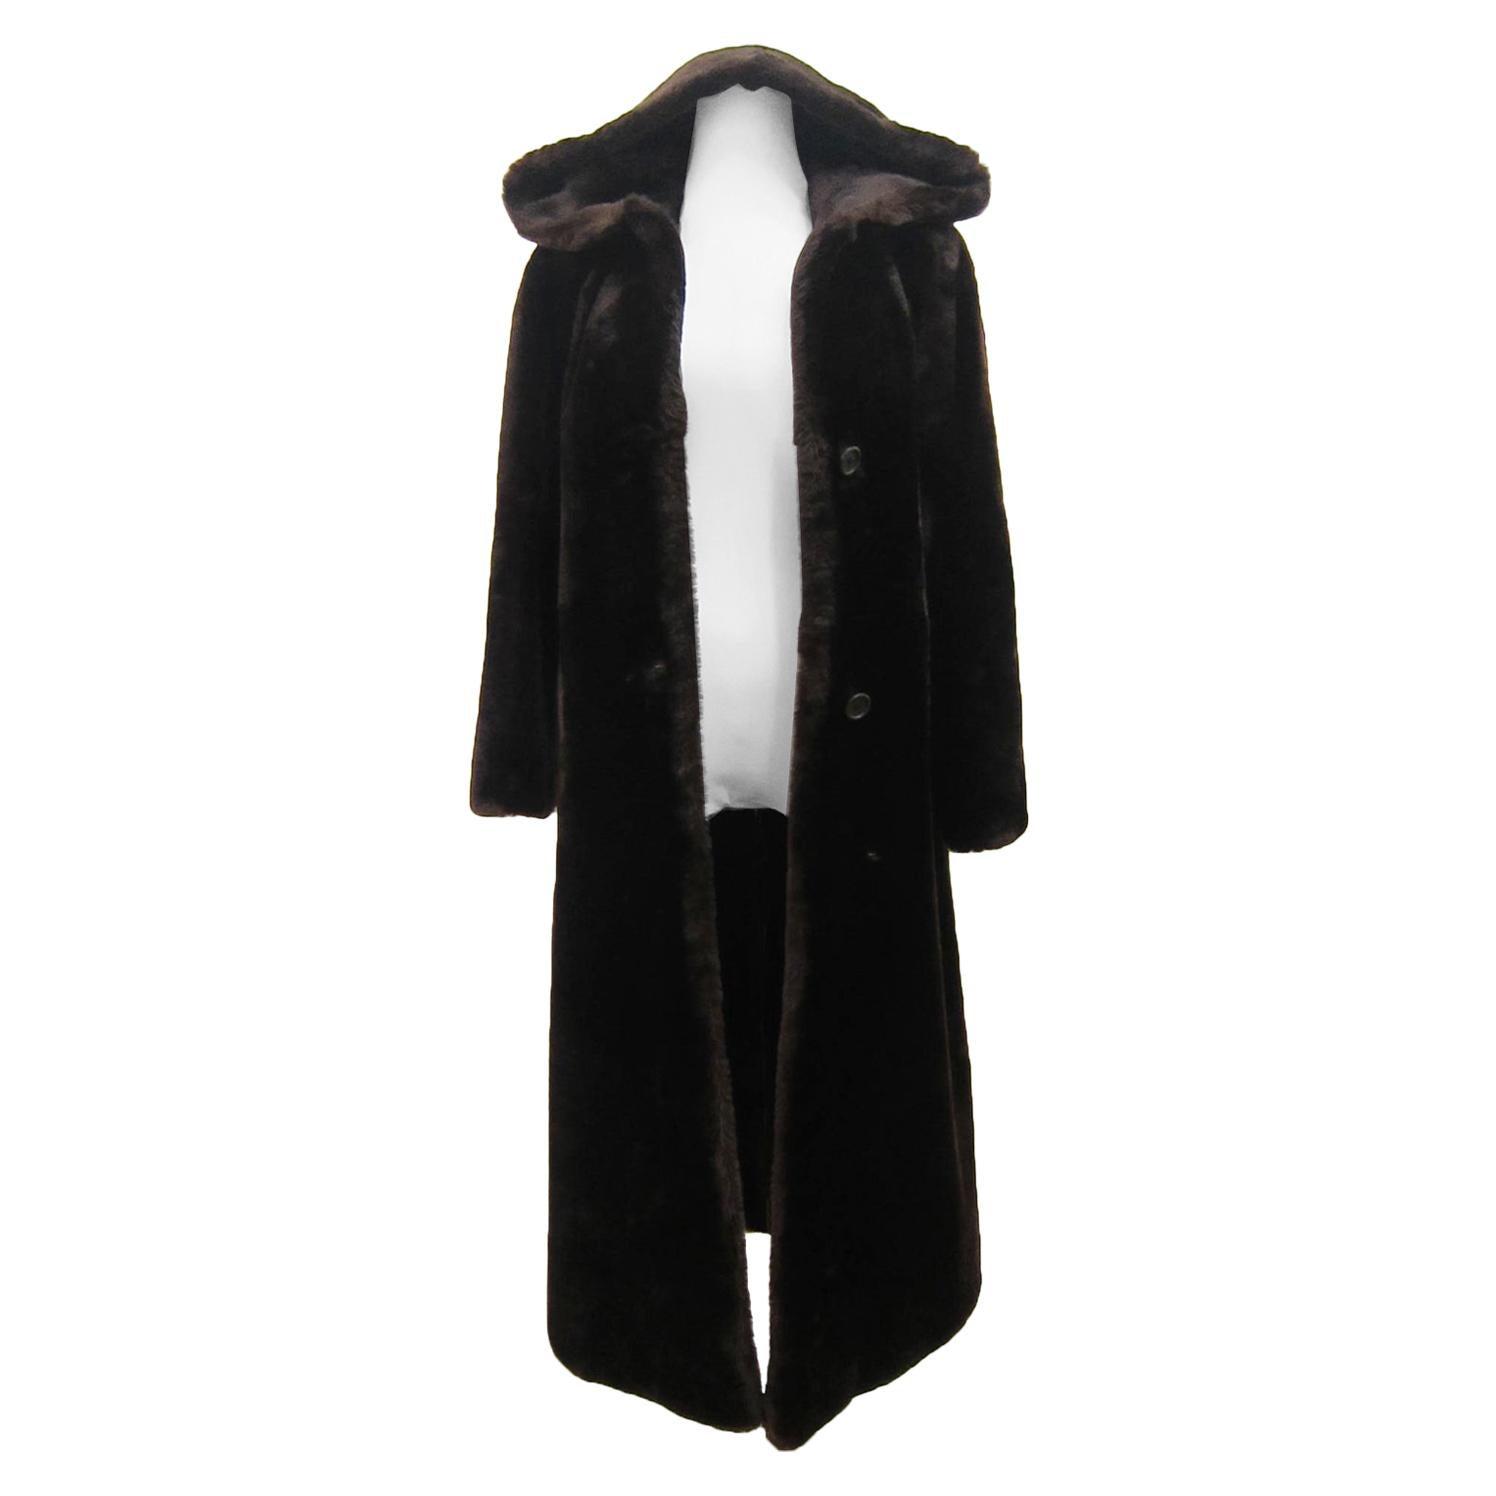 Vintage Chloe Fur Coat Circa 70s Karl Lagerfeld